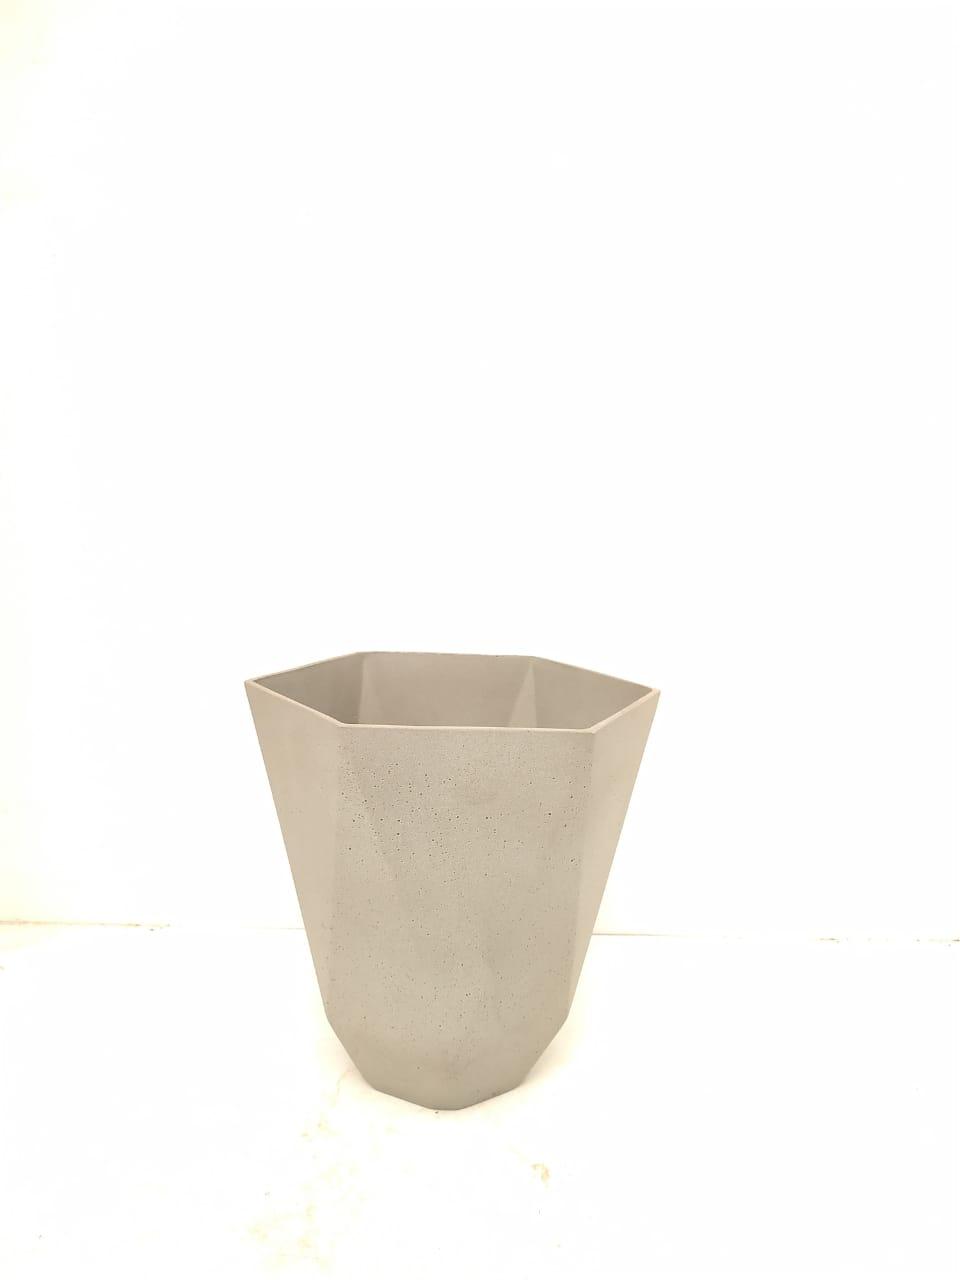 Sandstone Pot Hex Nat Cement Small Pots & Vases